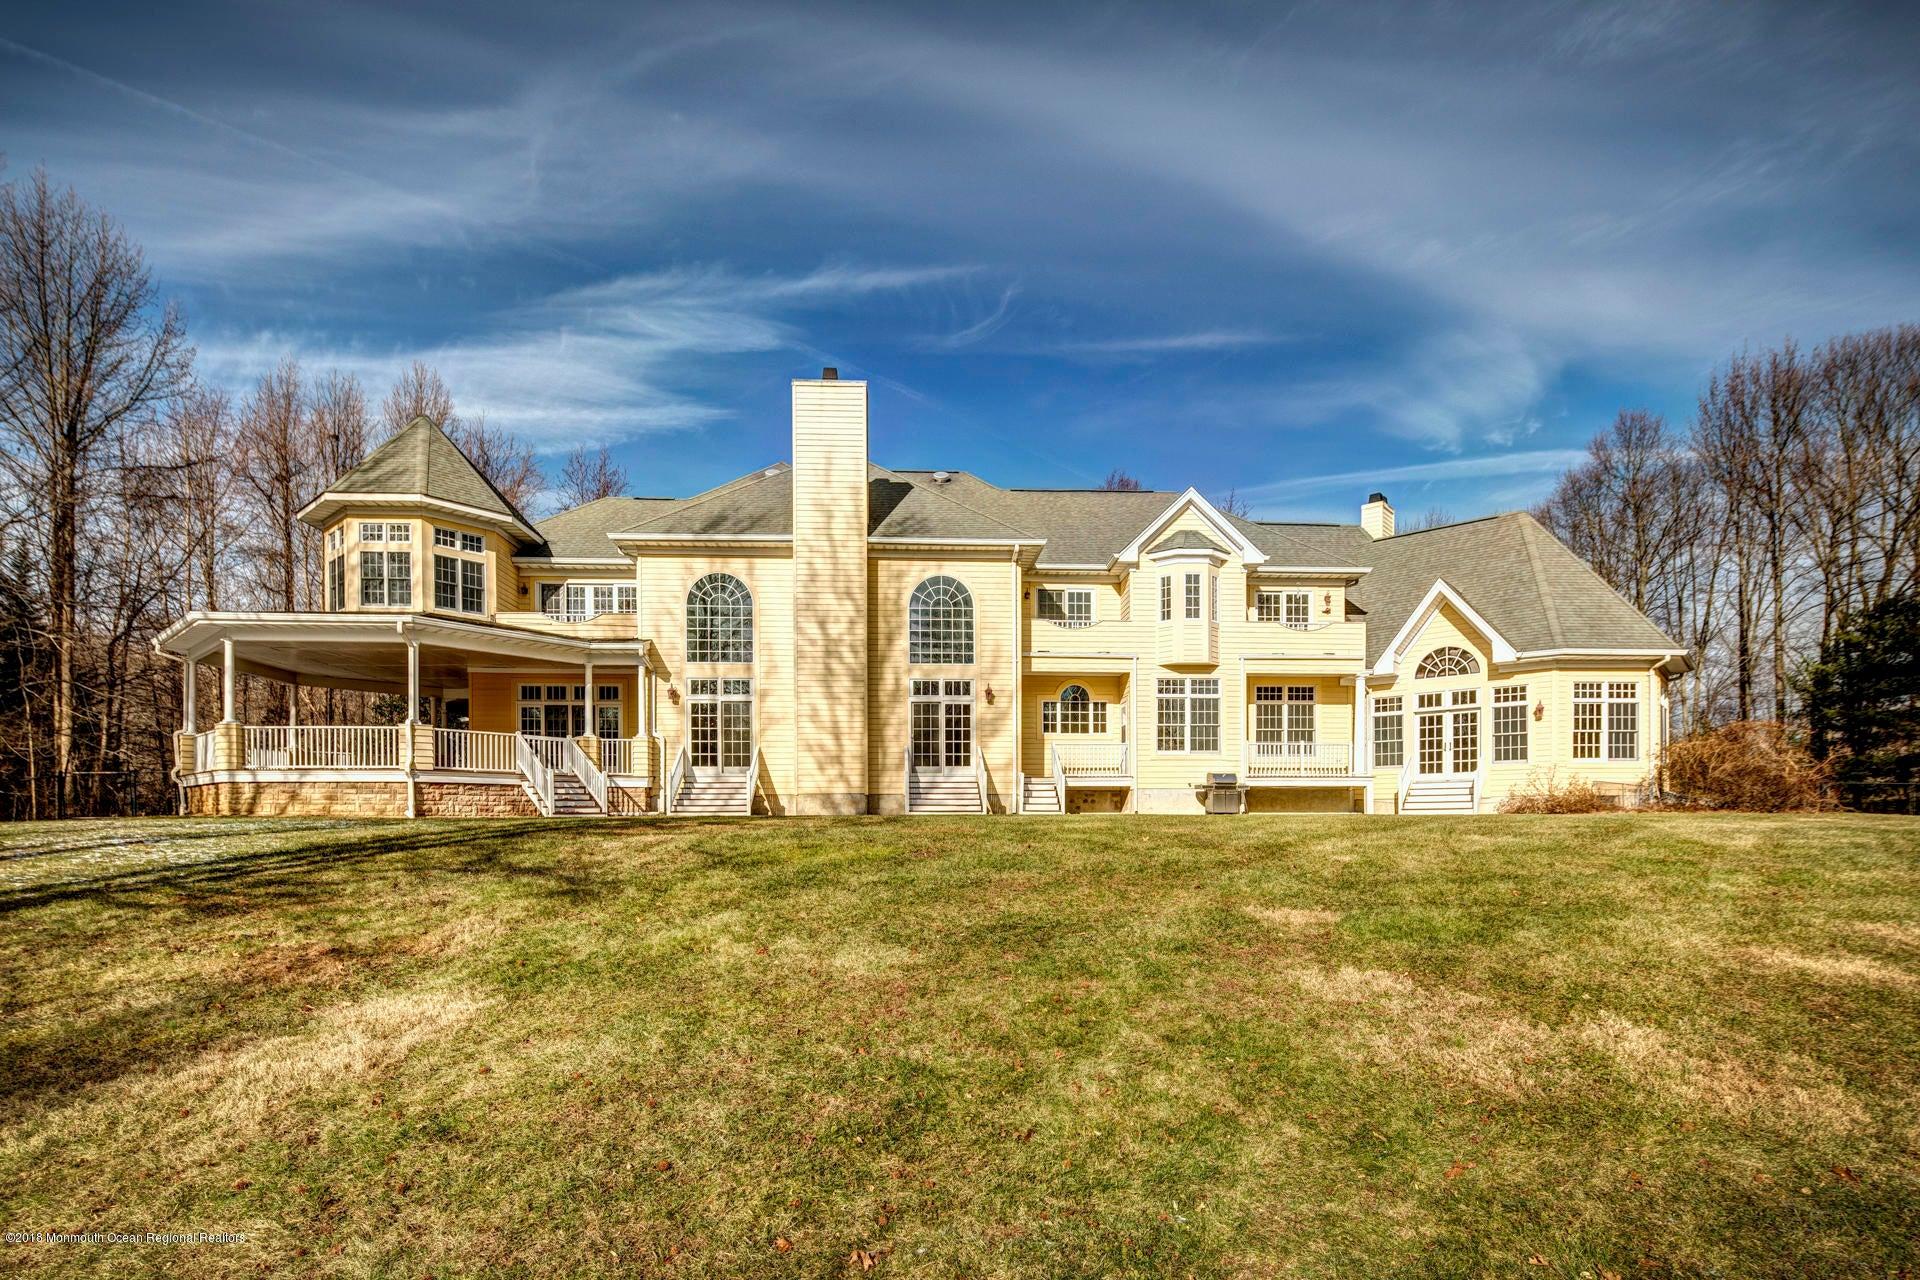 Villa per Vendita alle ore 603 Martins Lane 603 Martins Lane Red Bank, New Jersey 07701 Stati Uniti